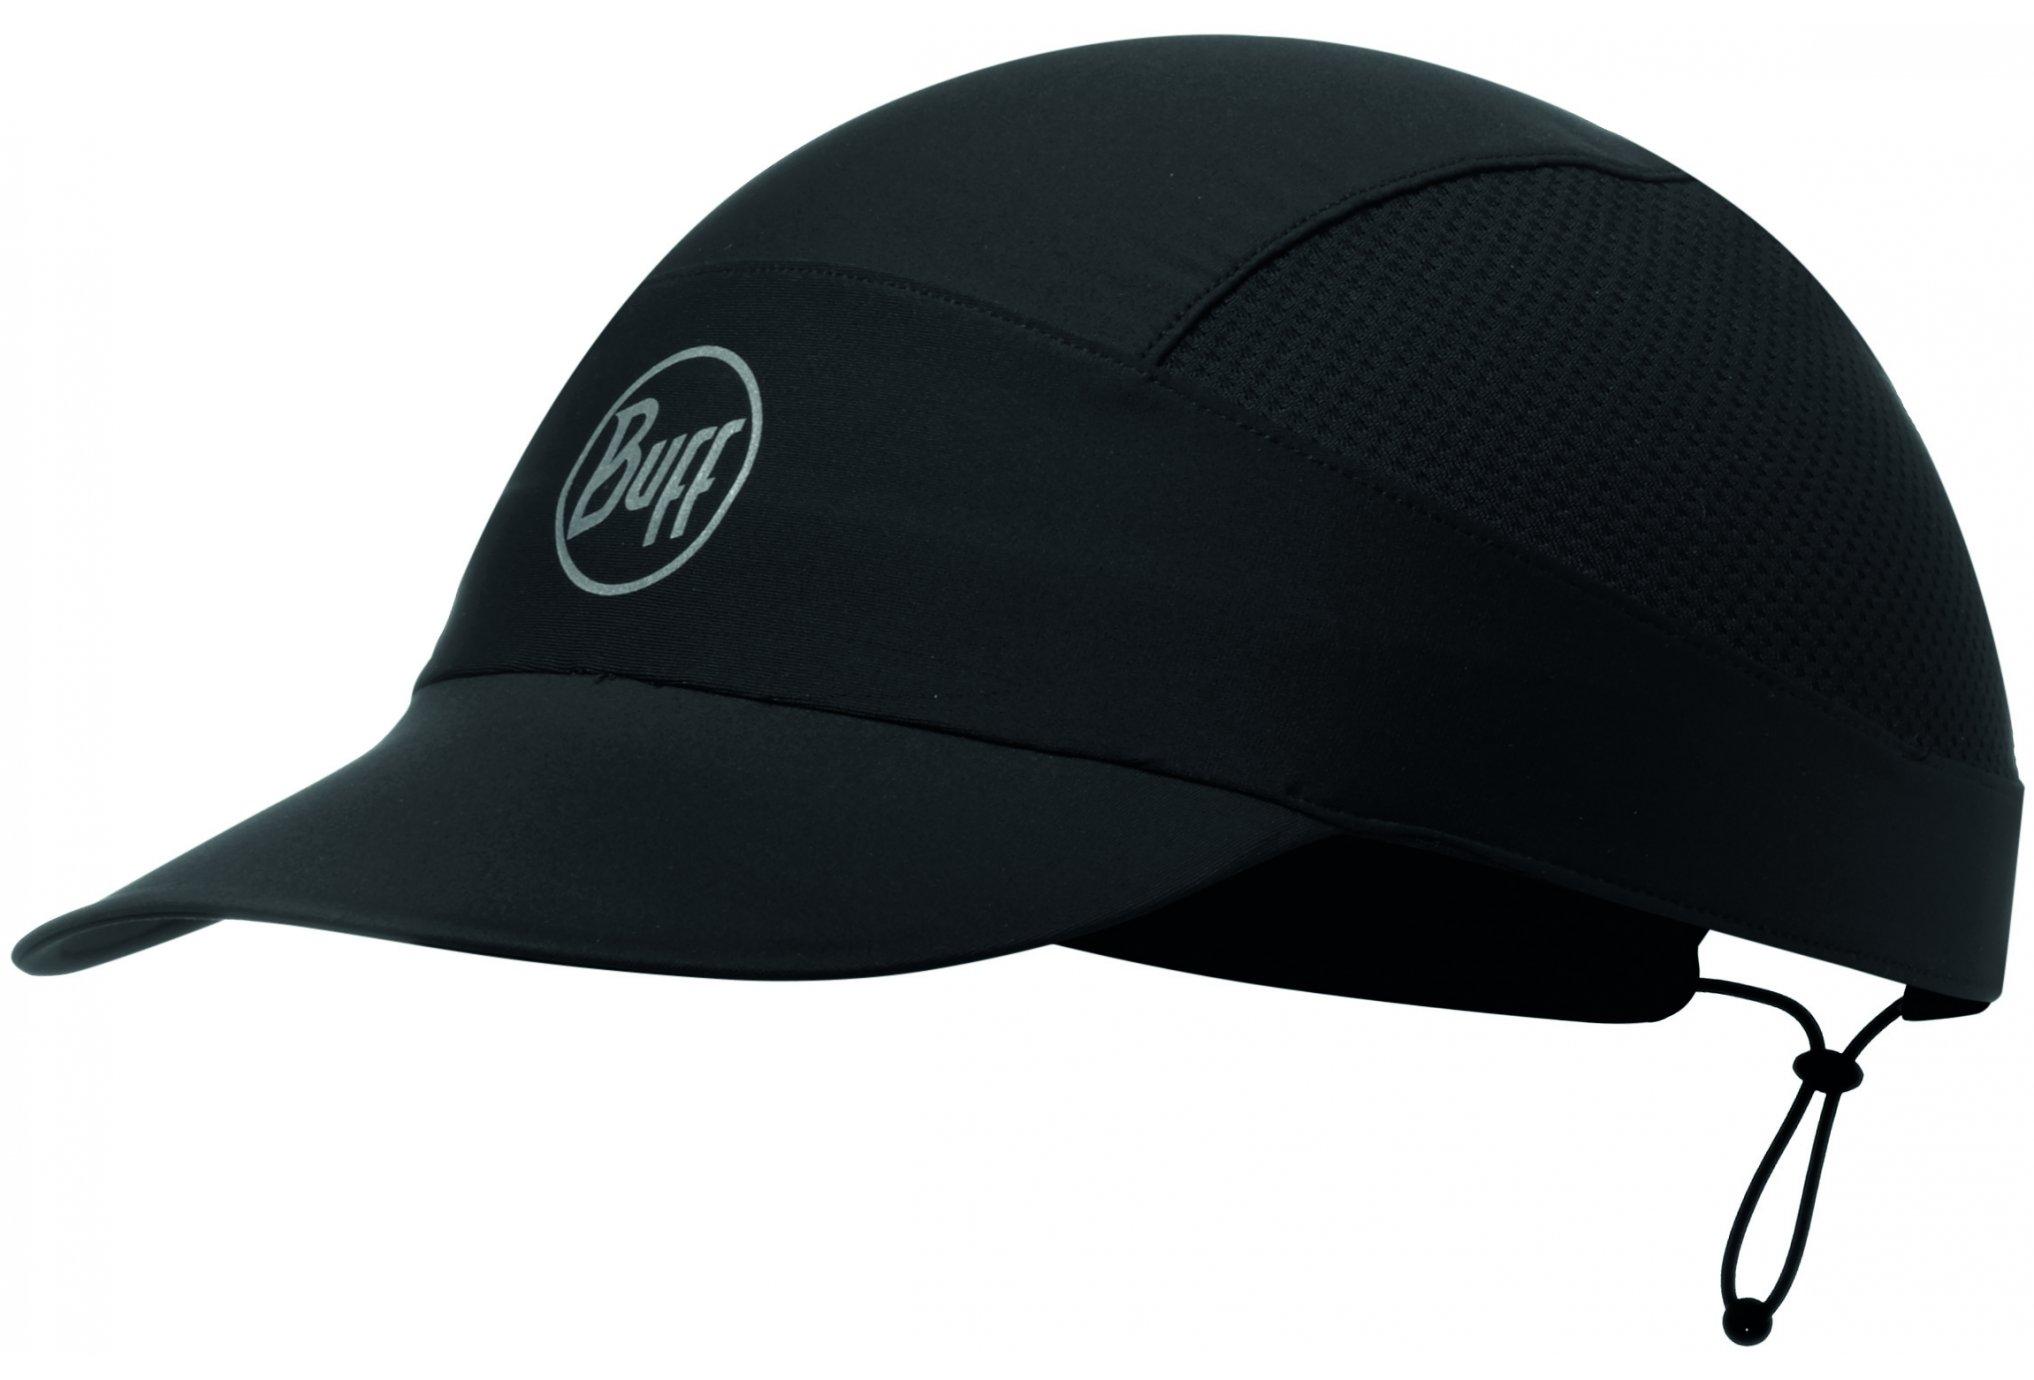 Buff Casquette R-Solid Black S/M Casquettes / bandeaux